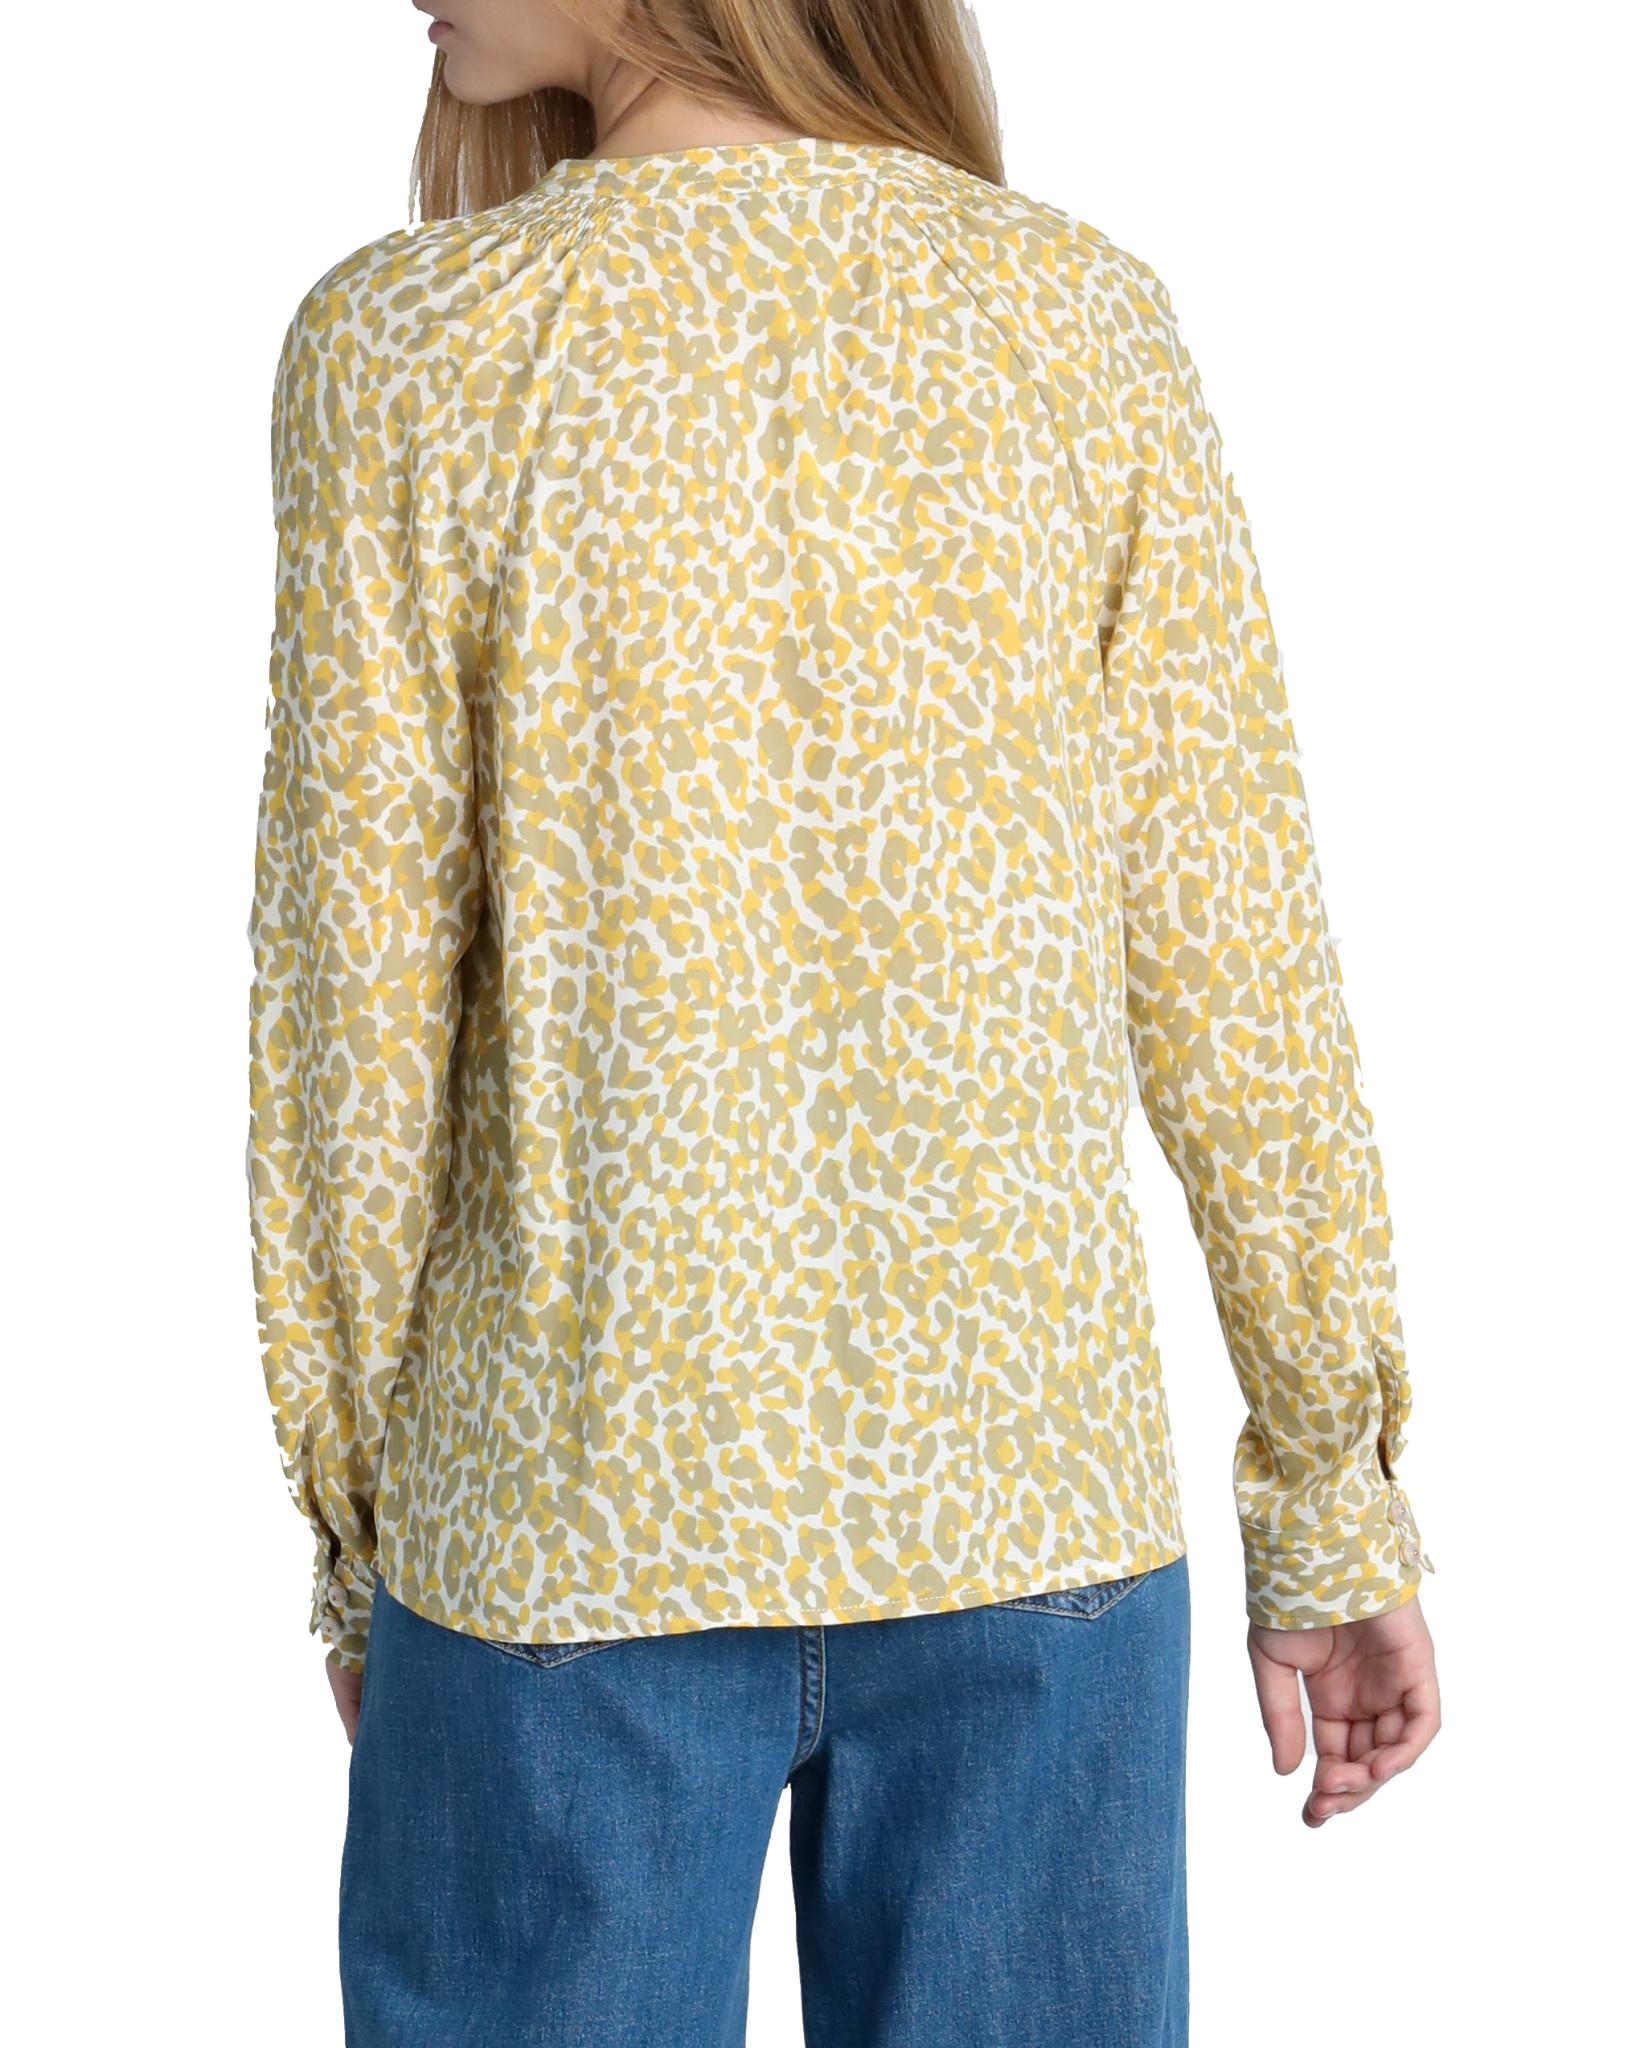 Leopard Print Tie Neck Blouse Sage Mustard